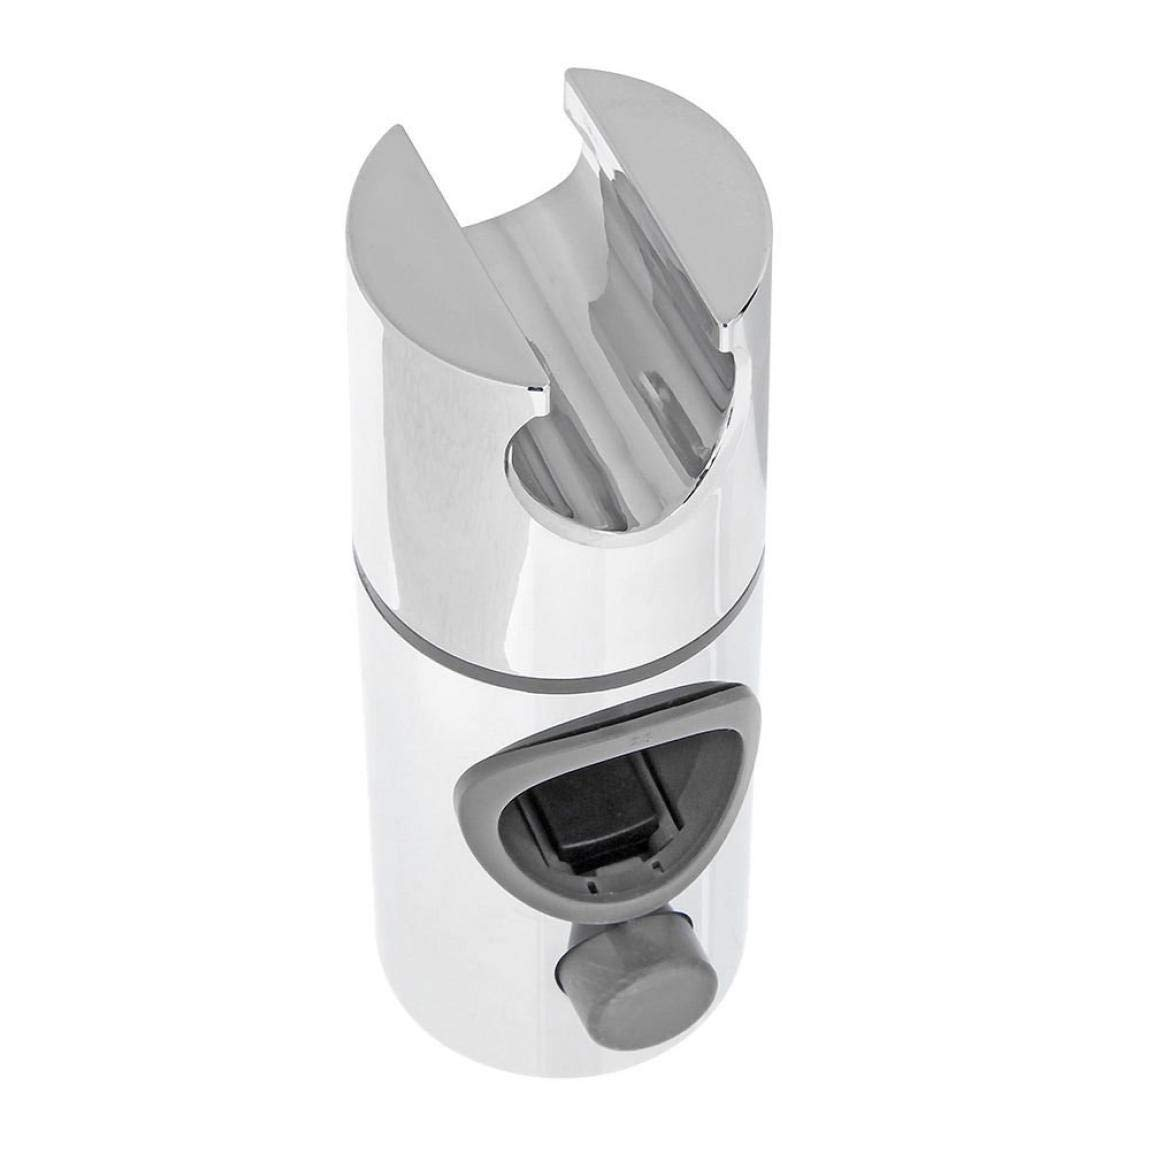 TOSSPER 25mm paroi de Support Douche Curseur tiroir de Support de t/ête de Douche Tringle de Douche /à Barres